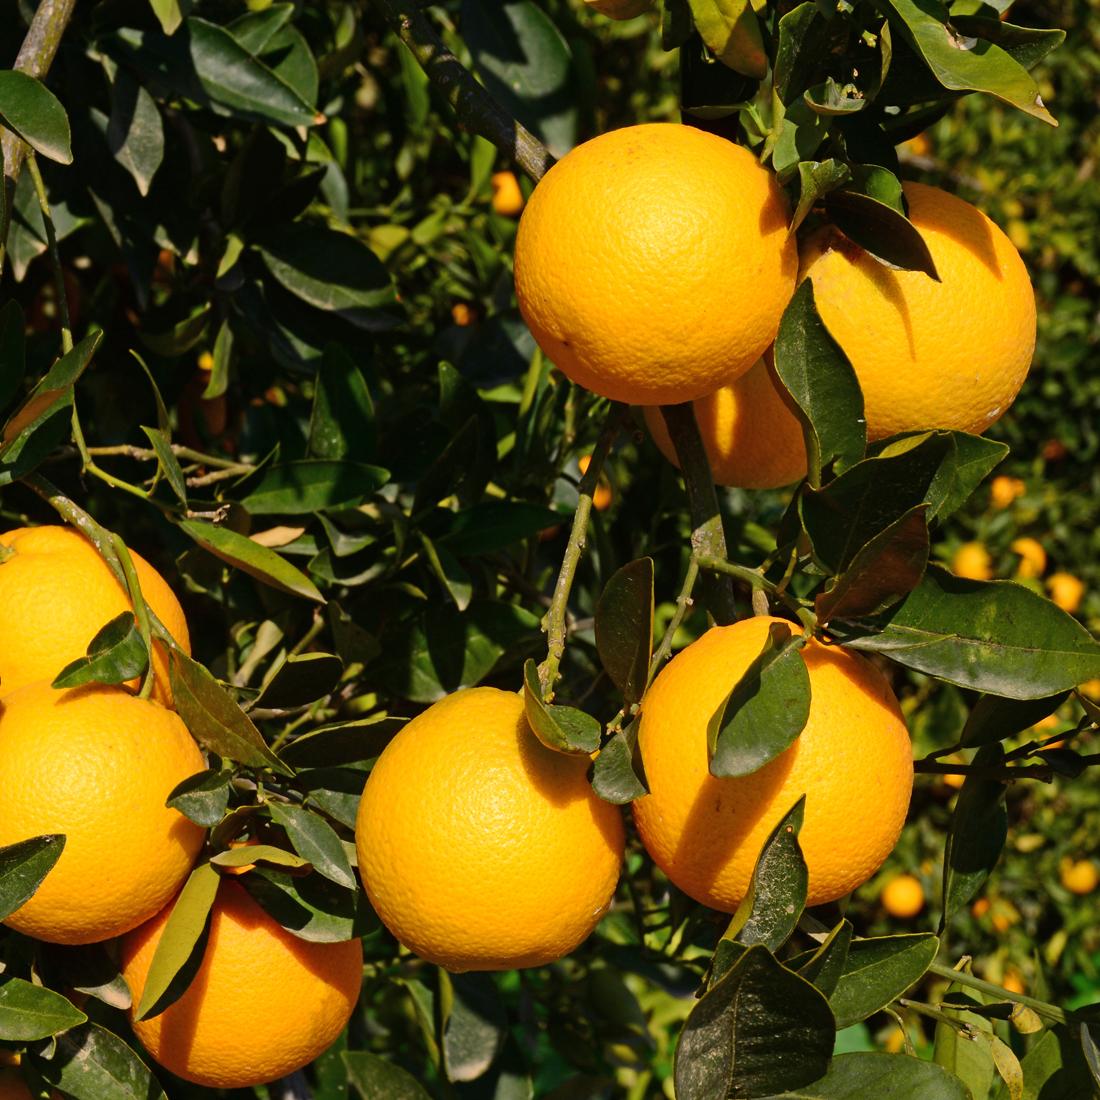 Bloomsz Citrus Fruit Tree Cara Cara Navel – 1 year old ...